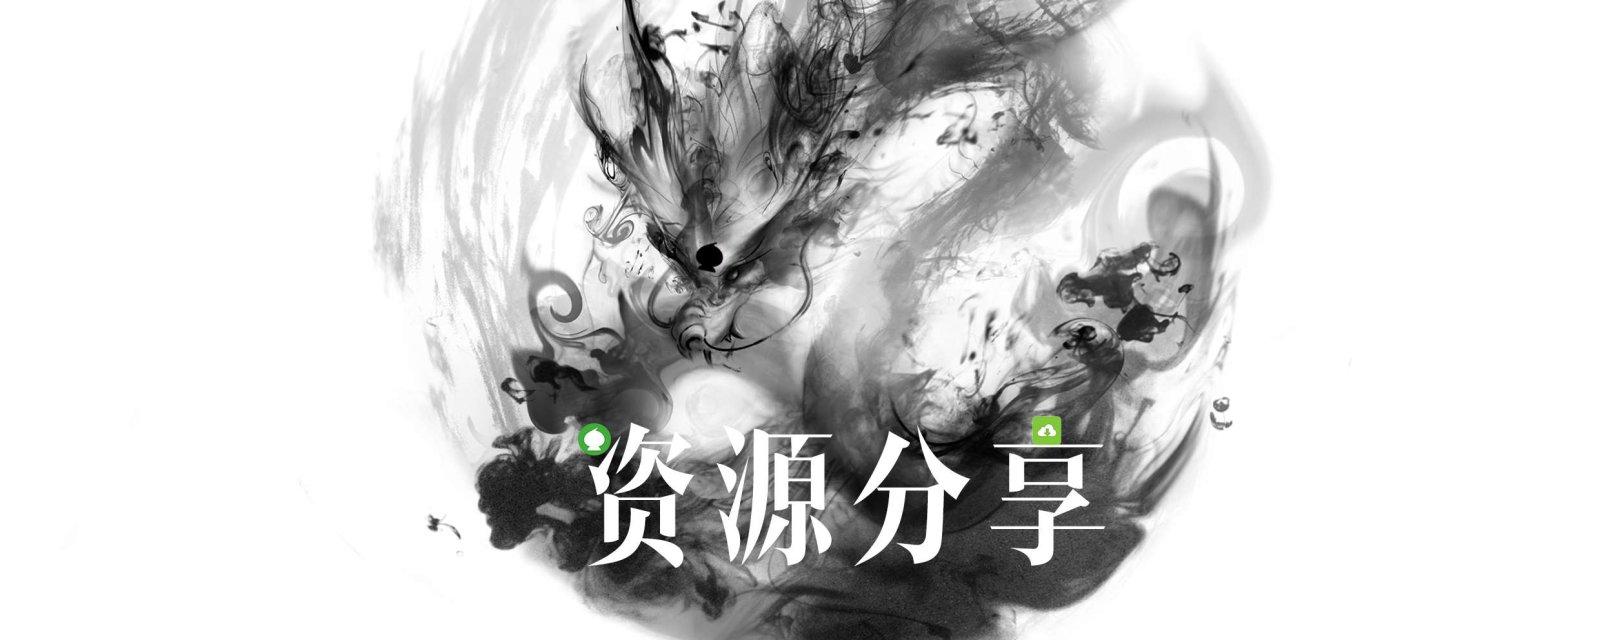 【资源分享】樱花动漫社(追番神器)